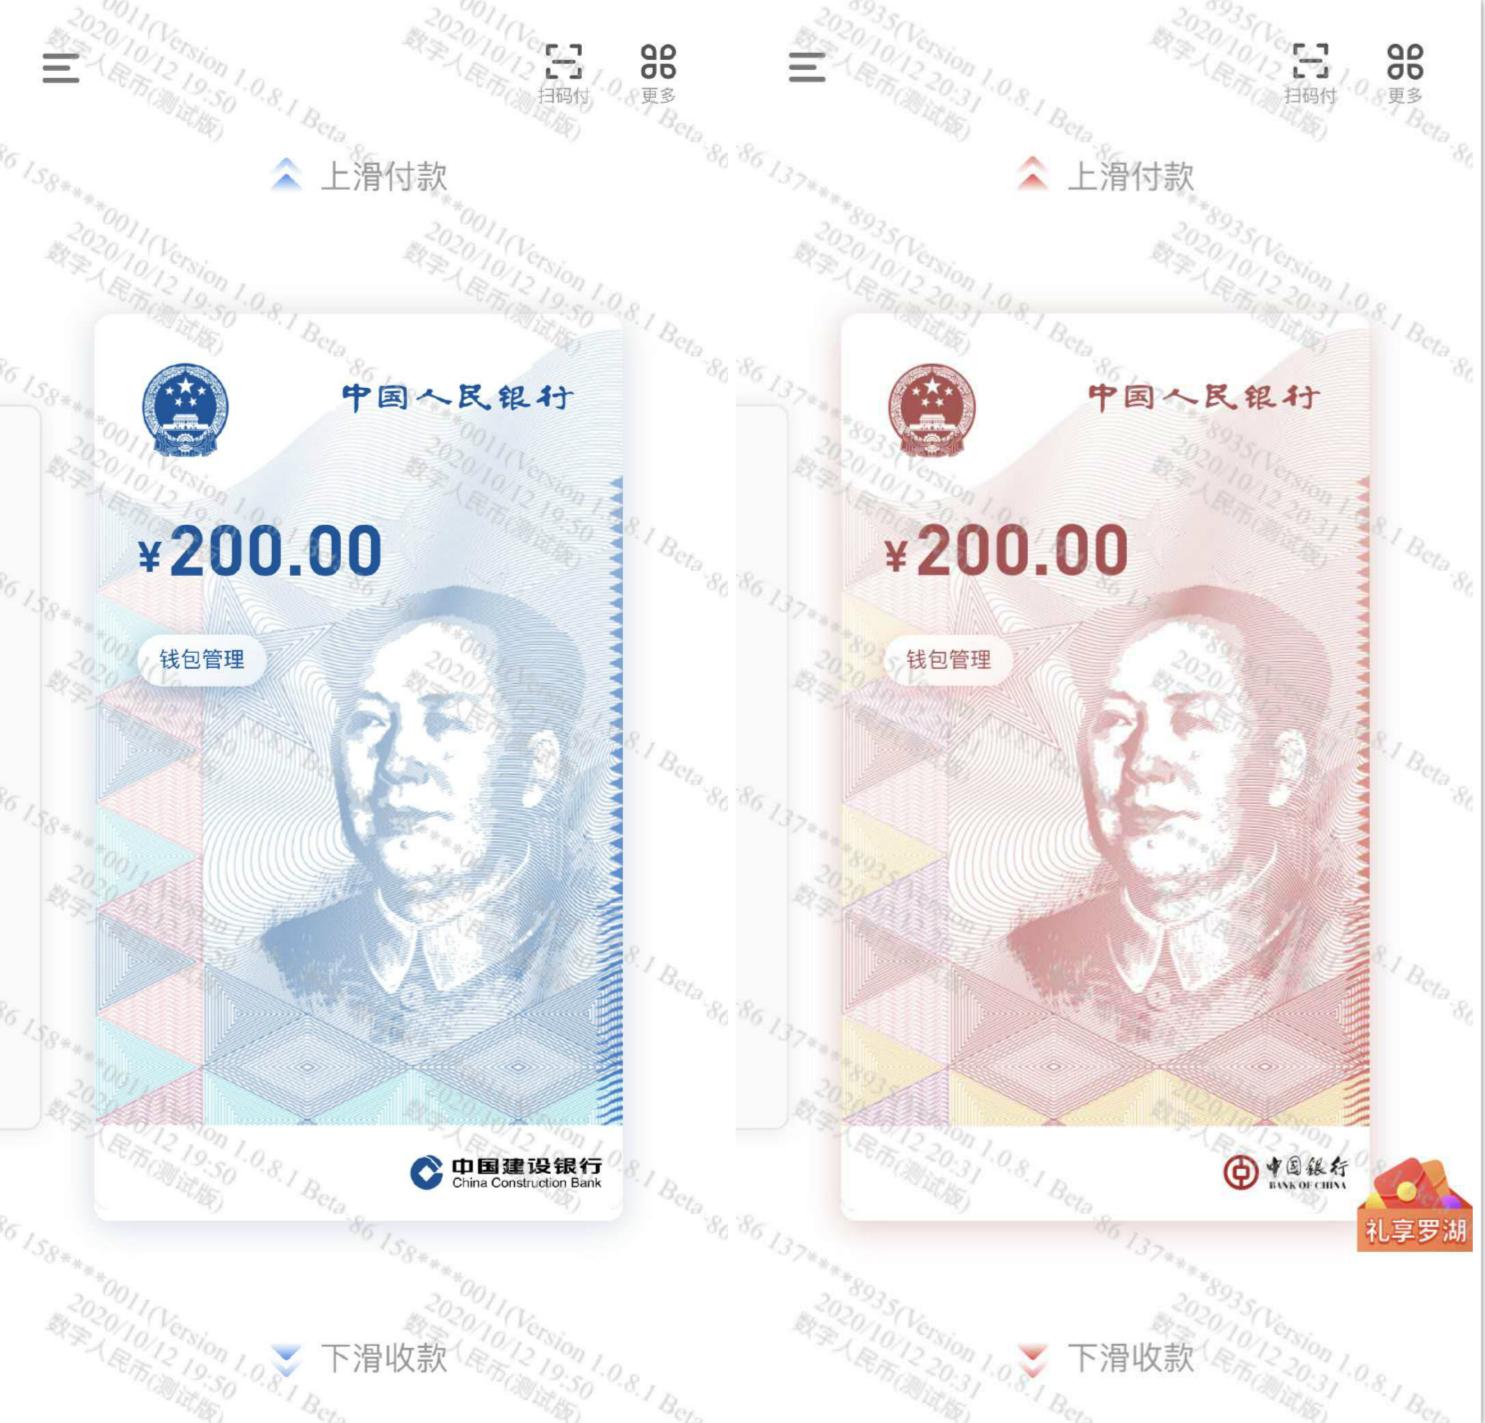 Digital currency scheme in Shenzhen.